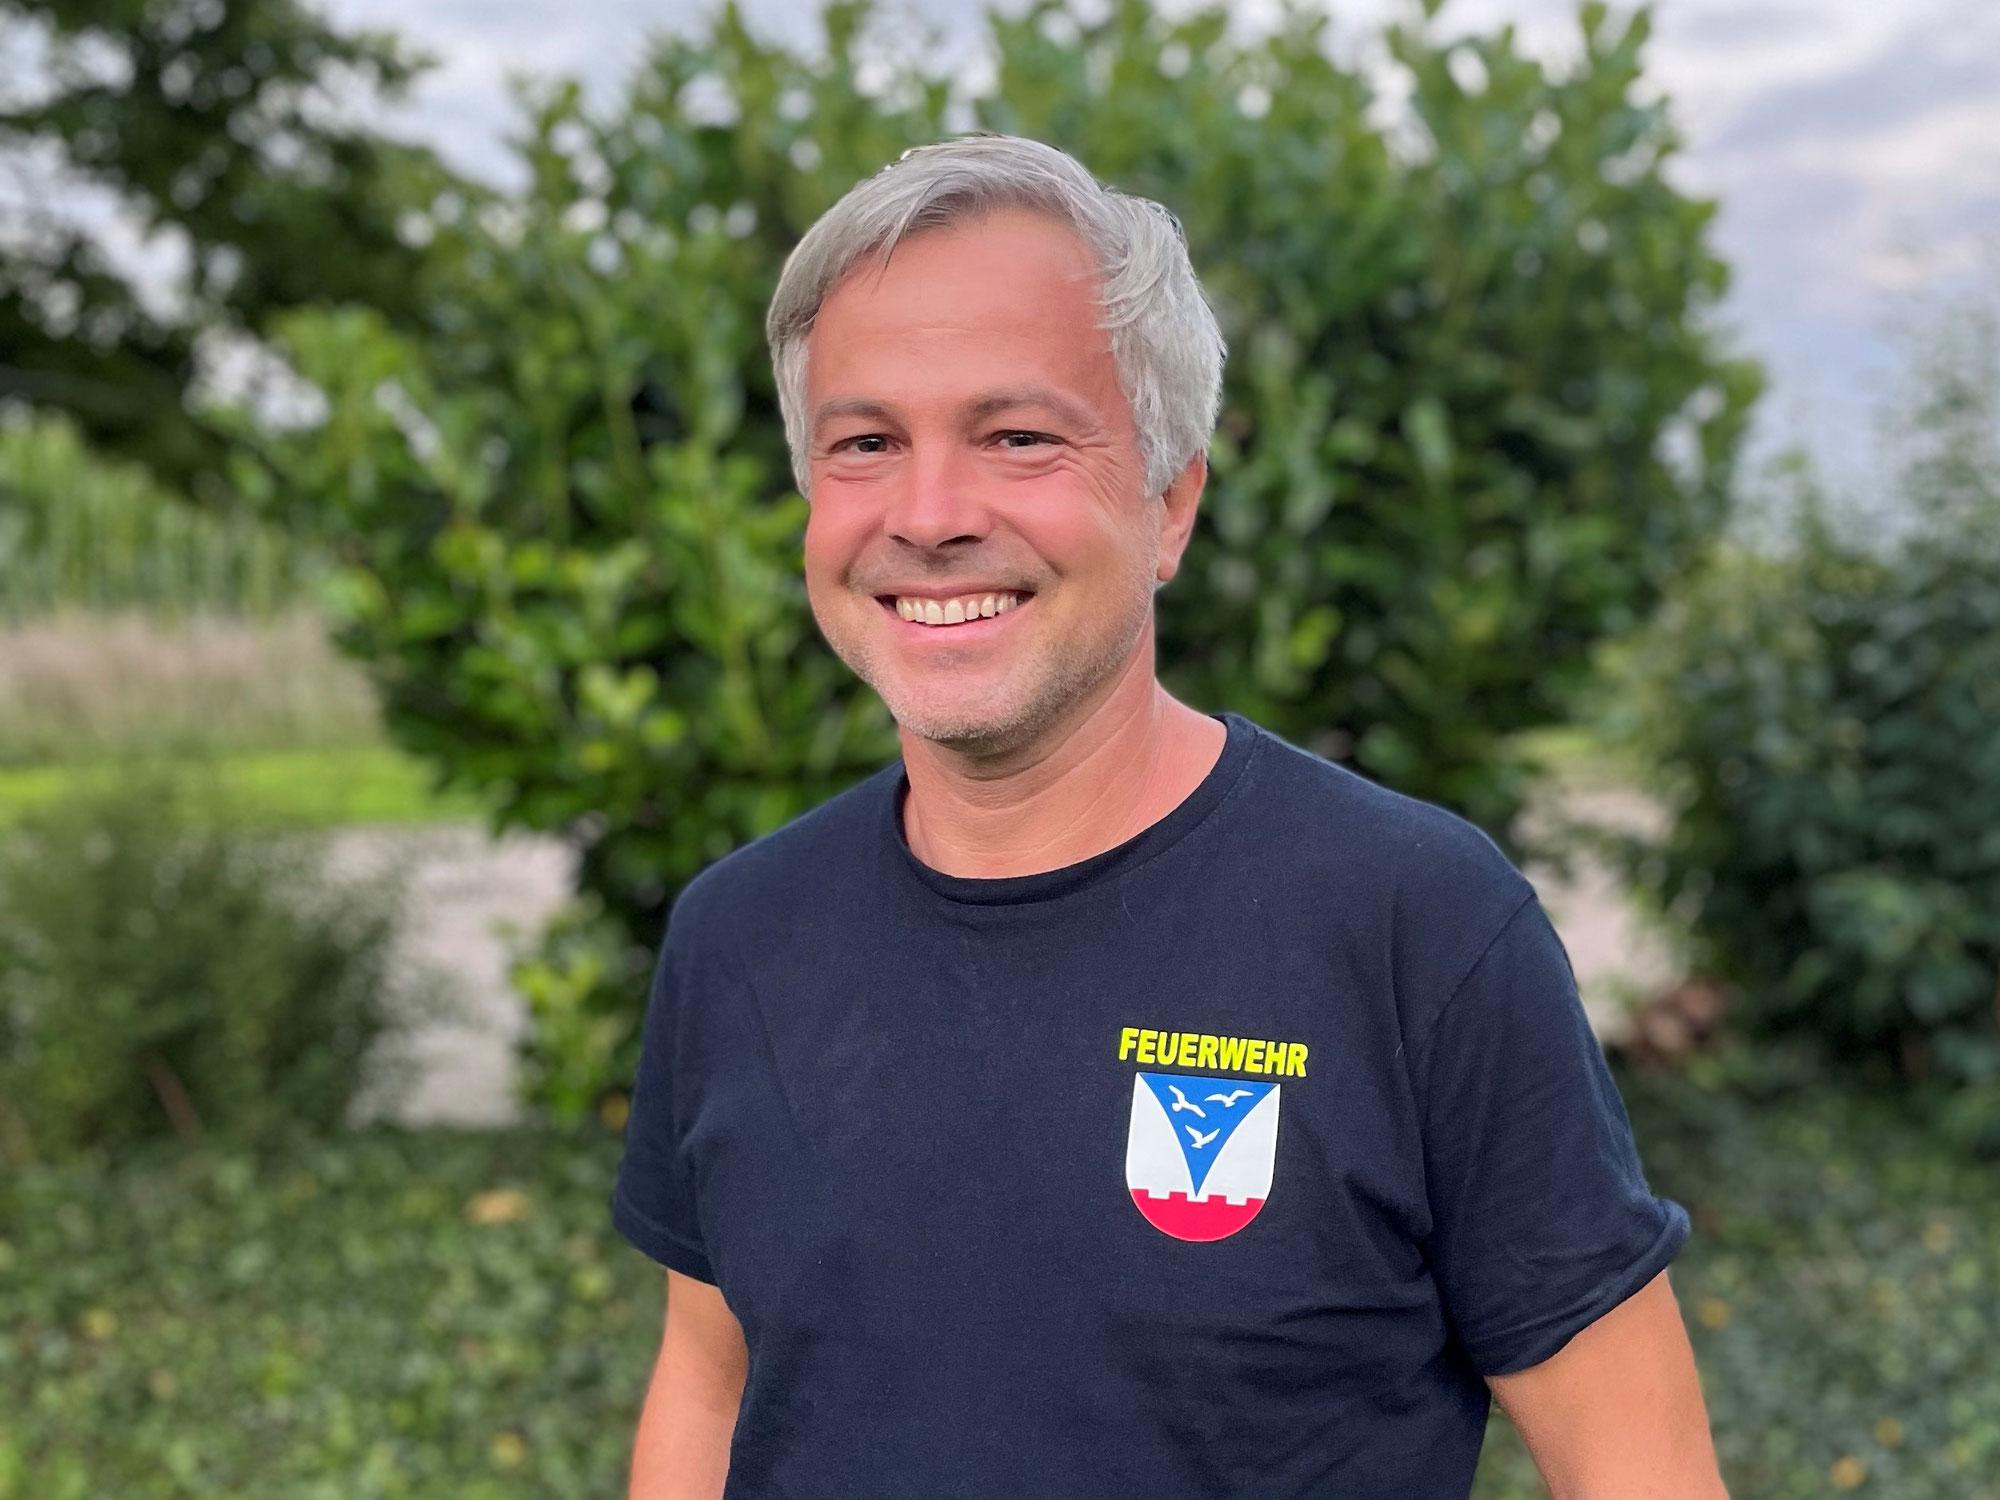 Herzlichen Glückwunsch zur Wiederwahl, Wehrführer Philipp!